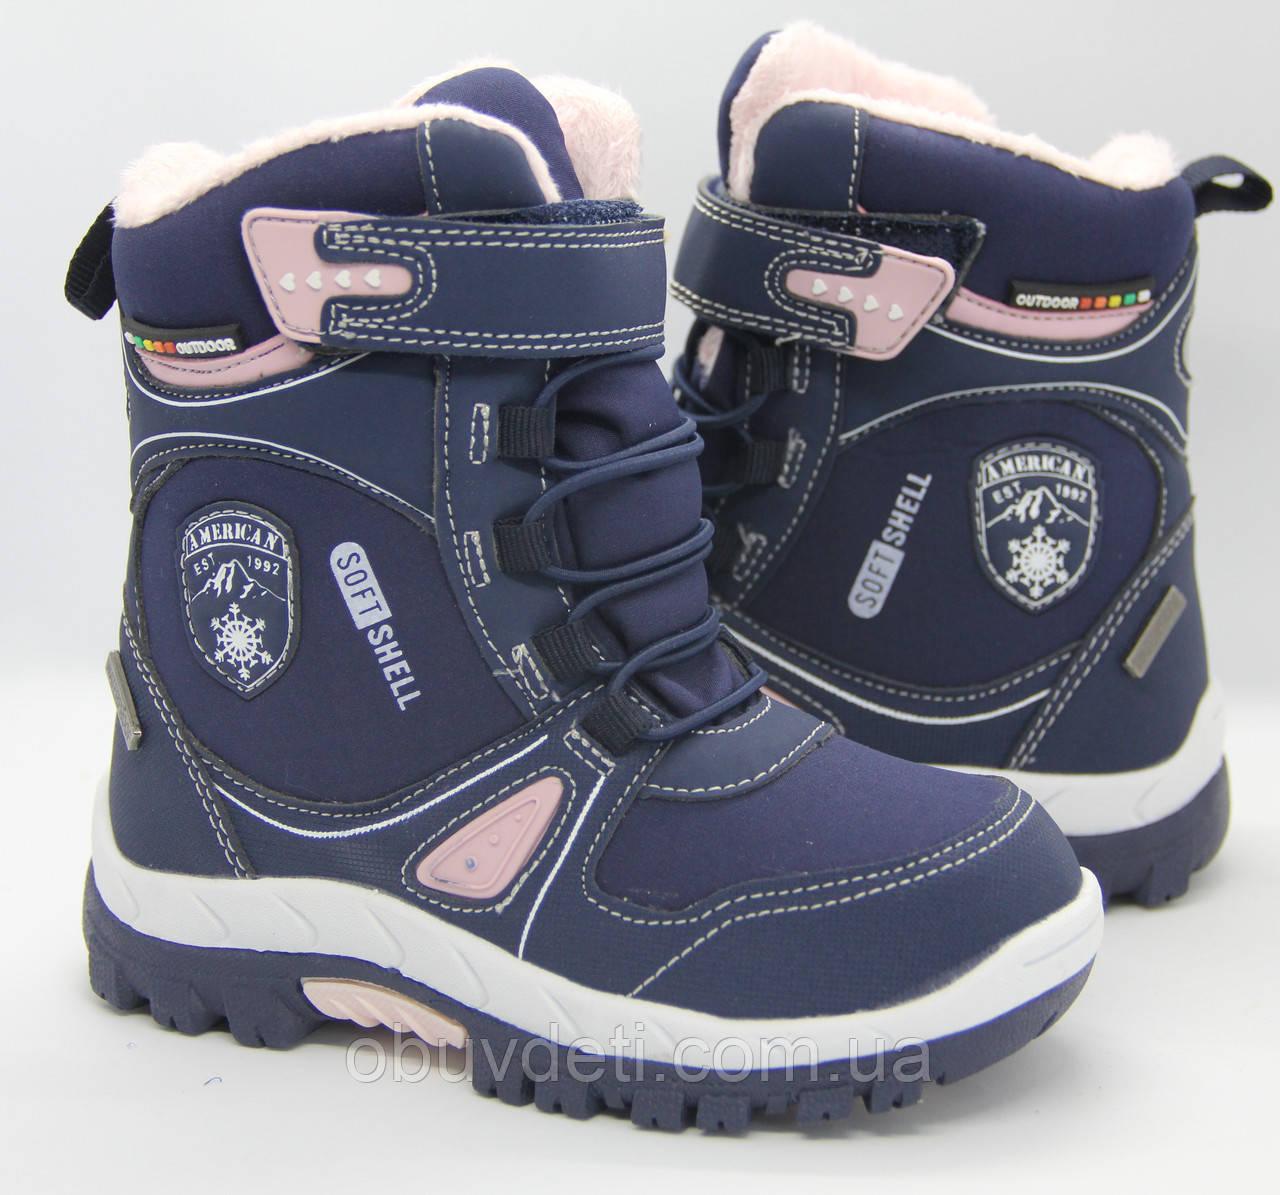 Термо ботинки для девочки American Club  31 р-р - 20.6 см